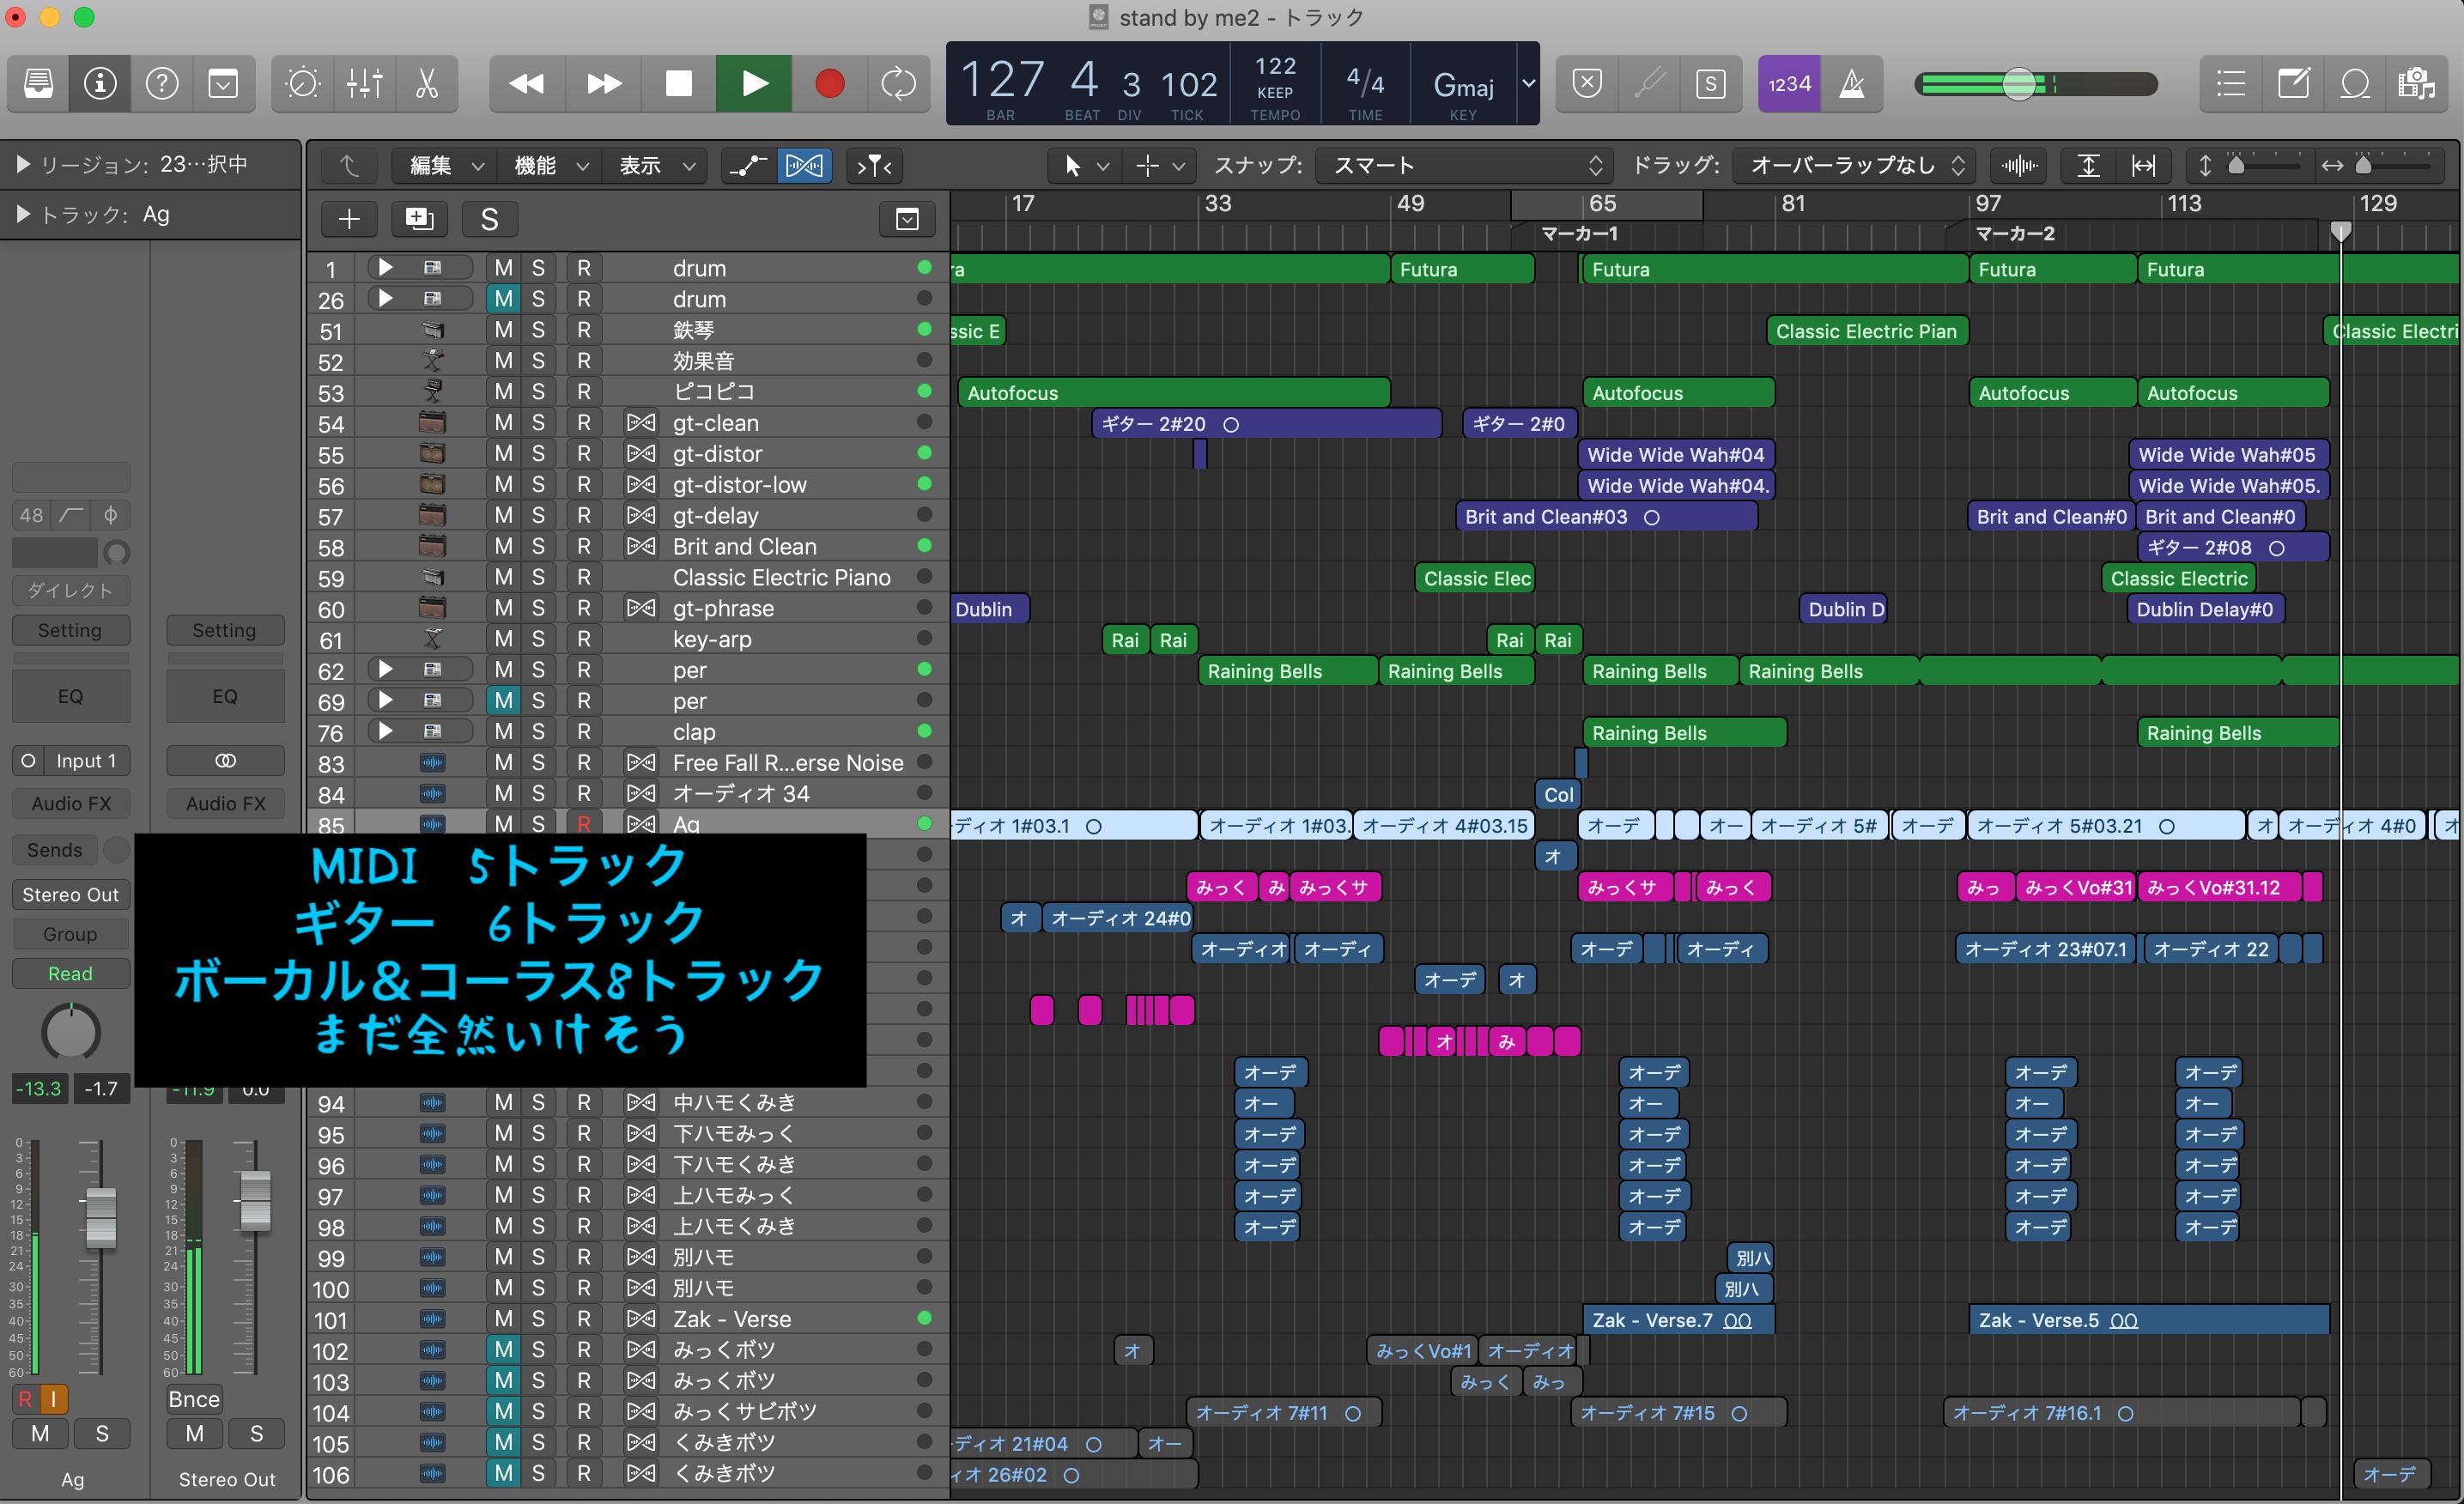 MacBook AirはLogicProXでの音楽制作にどのくらい使えるか?-丸1年使ってみてわかったこと-